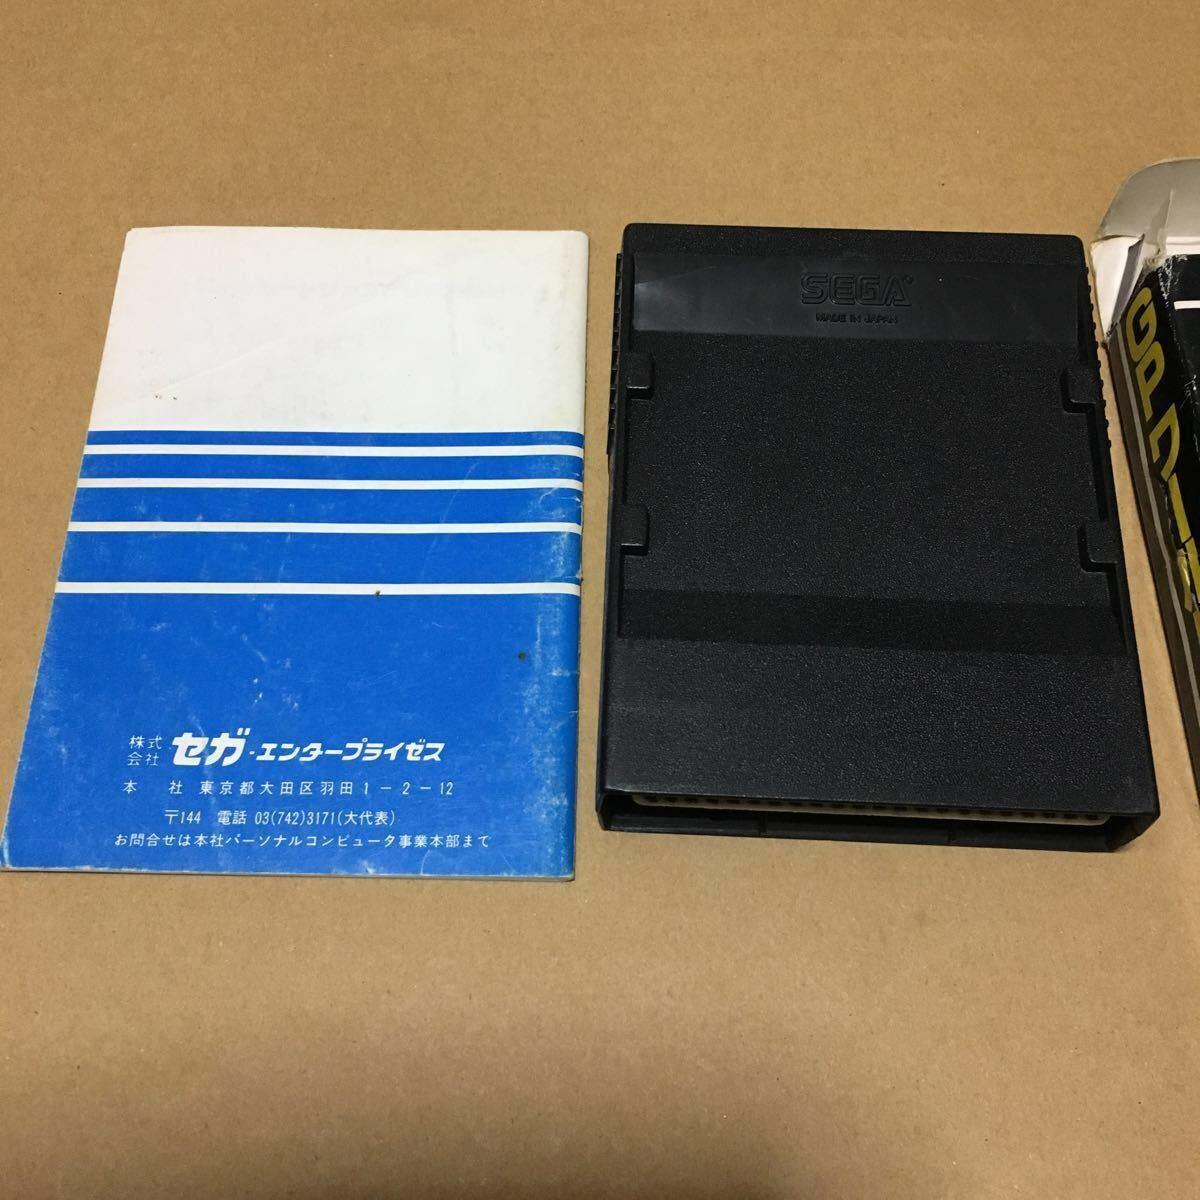 【セガ】GPワールド (箱説付)SC-3000・SG-1000シリーズ (動作未確認)_画像4